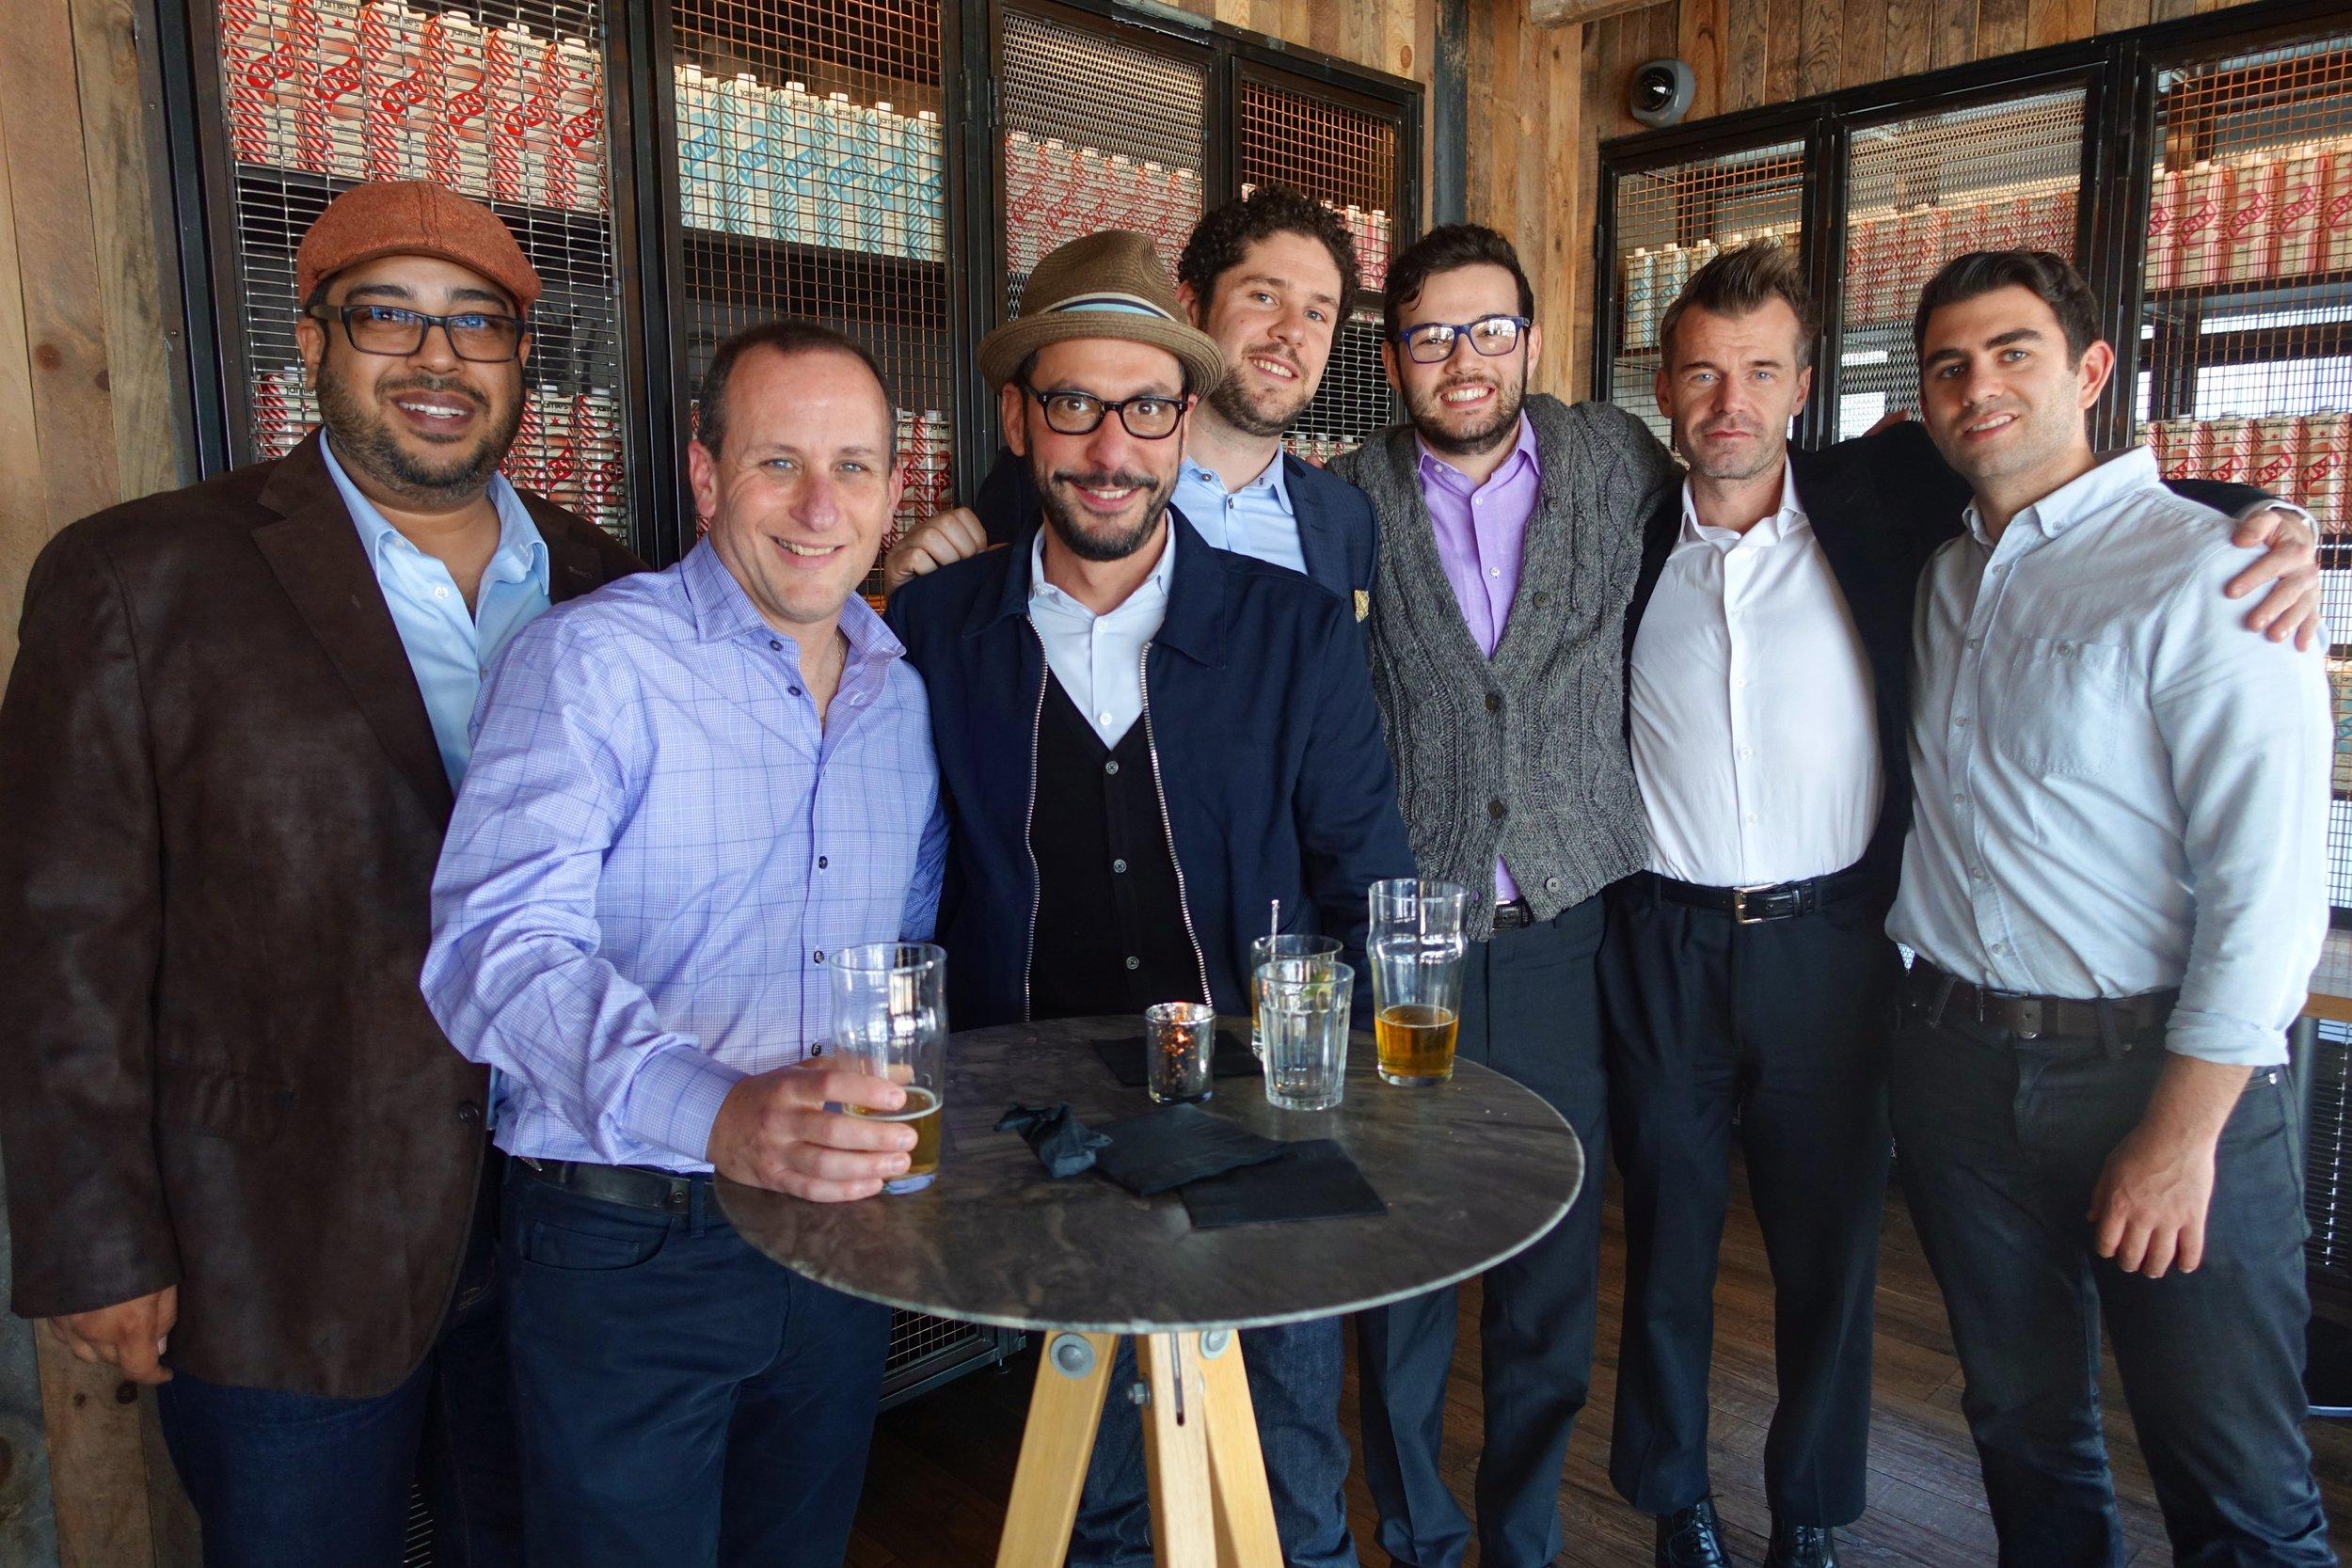 Kapil, Daniel G, Rob, Matt B, Jake, Attila & Daniel C